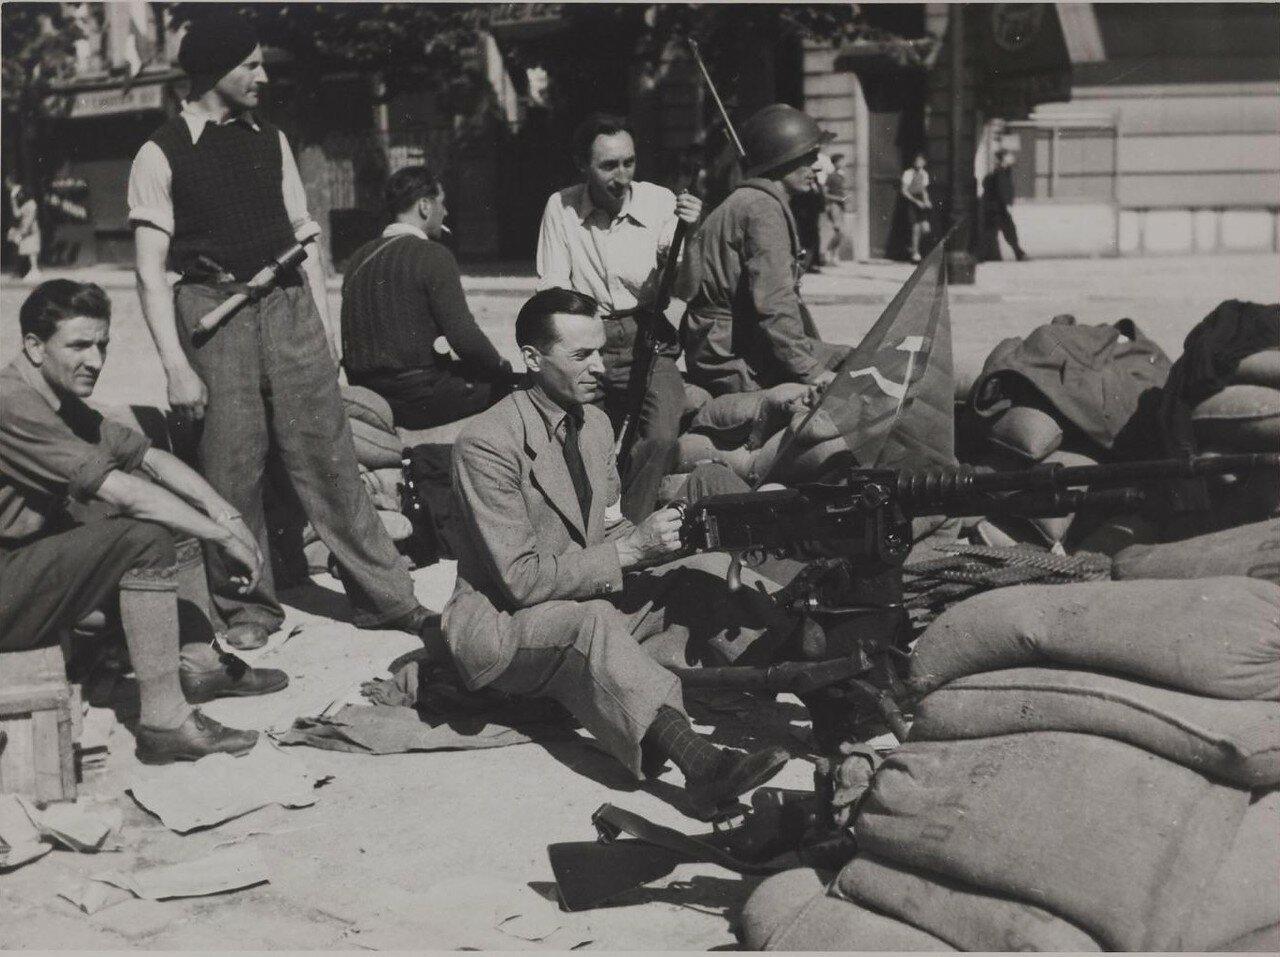 25 августа. Пулеметы у северного входа в Венсенский замок